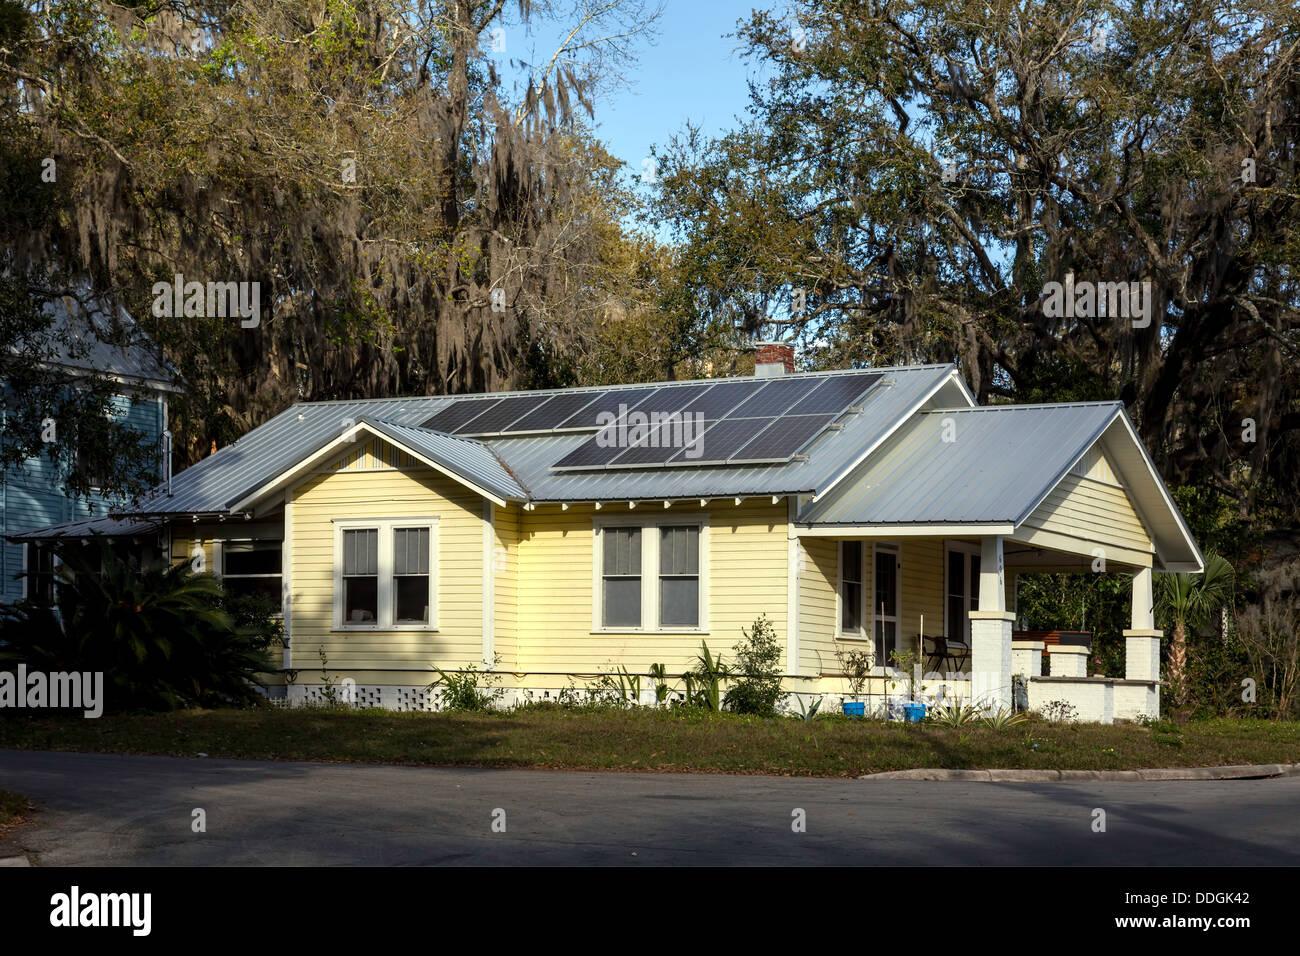 Bonito bungalow casa amarilla con renovaciones sostenible incluyendo los paneles solares montados en el techo. Imagen De Stock